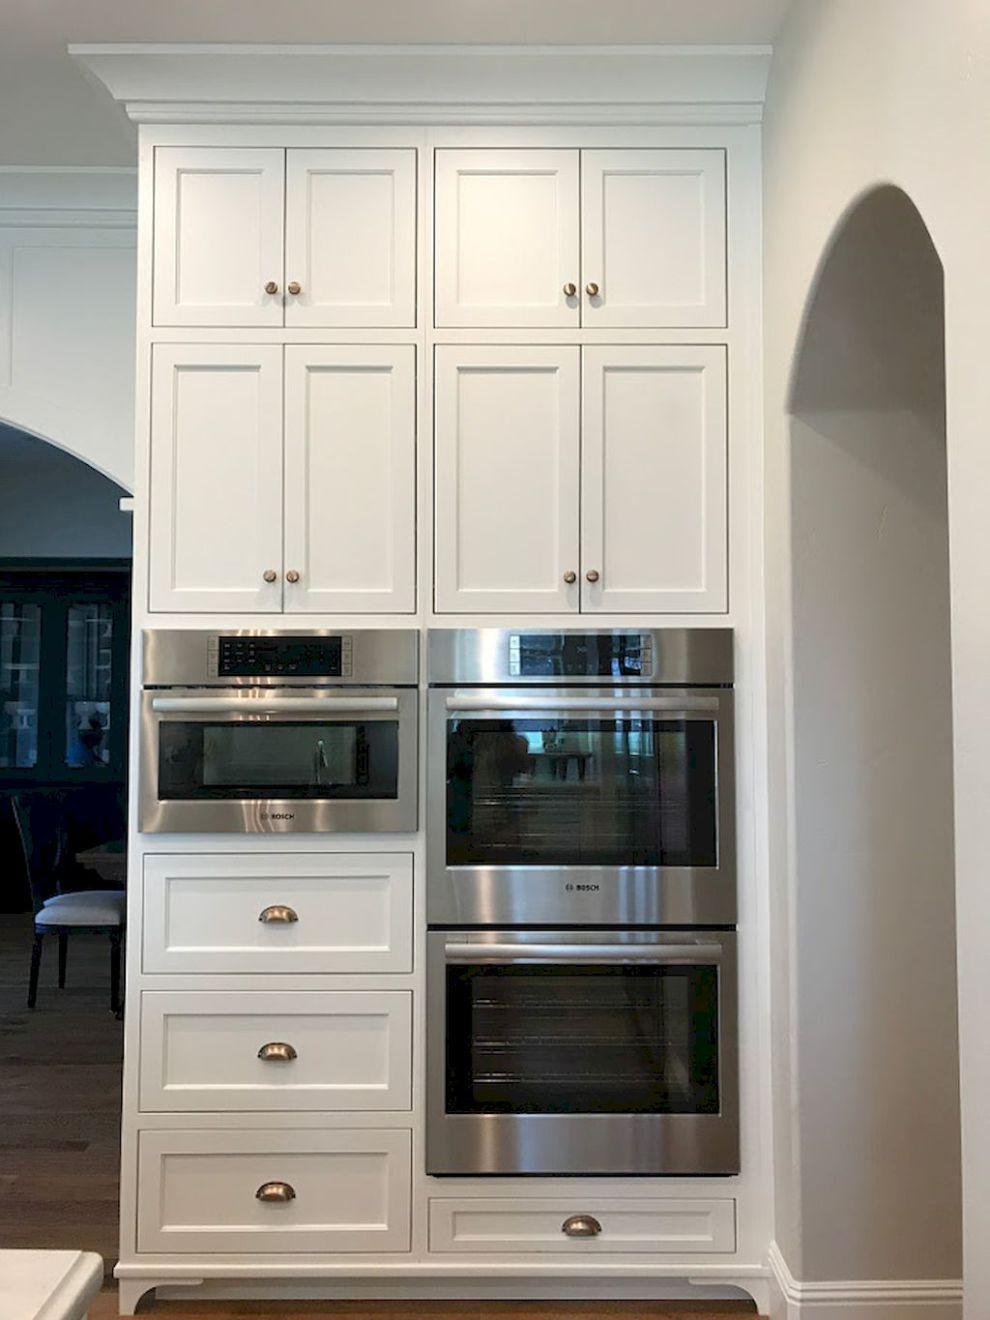 150 Gorgeous Farmhouse Kitchen Cabinets Makeover Ideas 4 Kitchen Renovation Inspiration White Kitchen Renovation Kitchen Cabinet Design